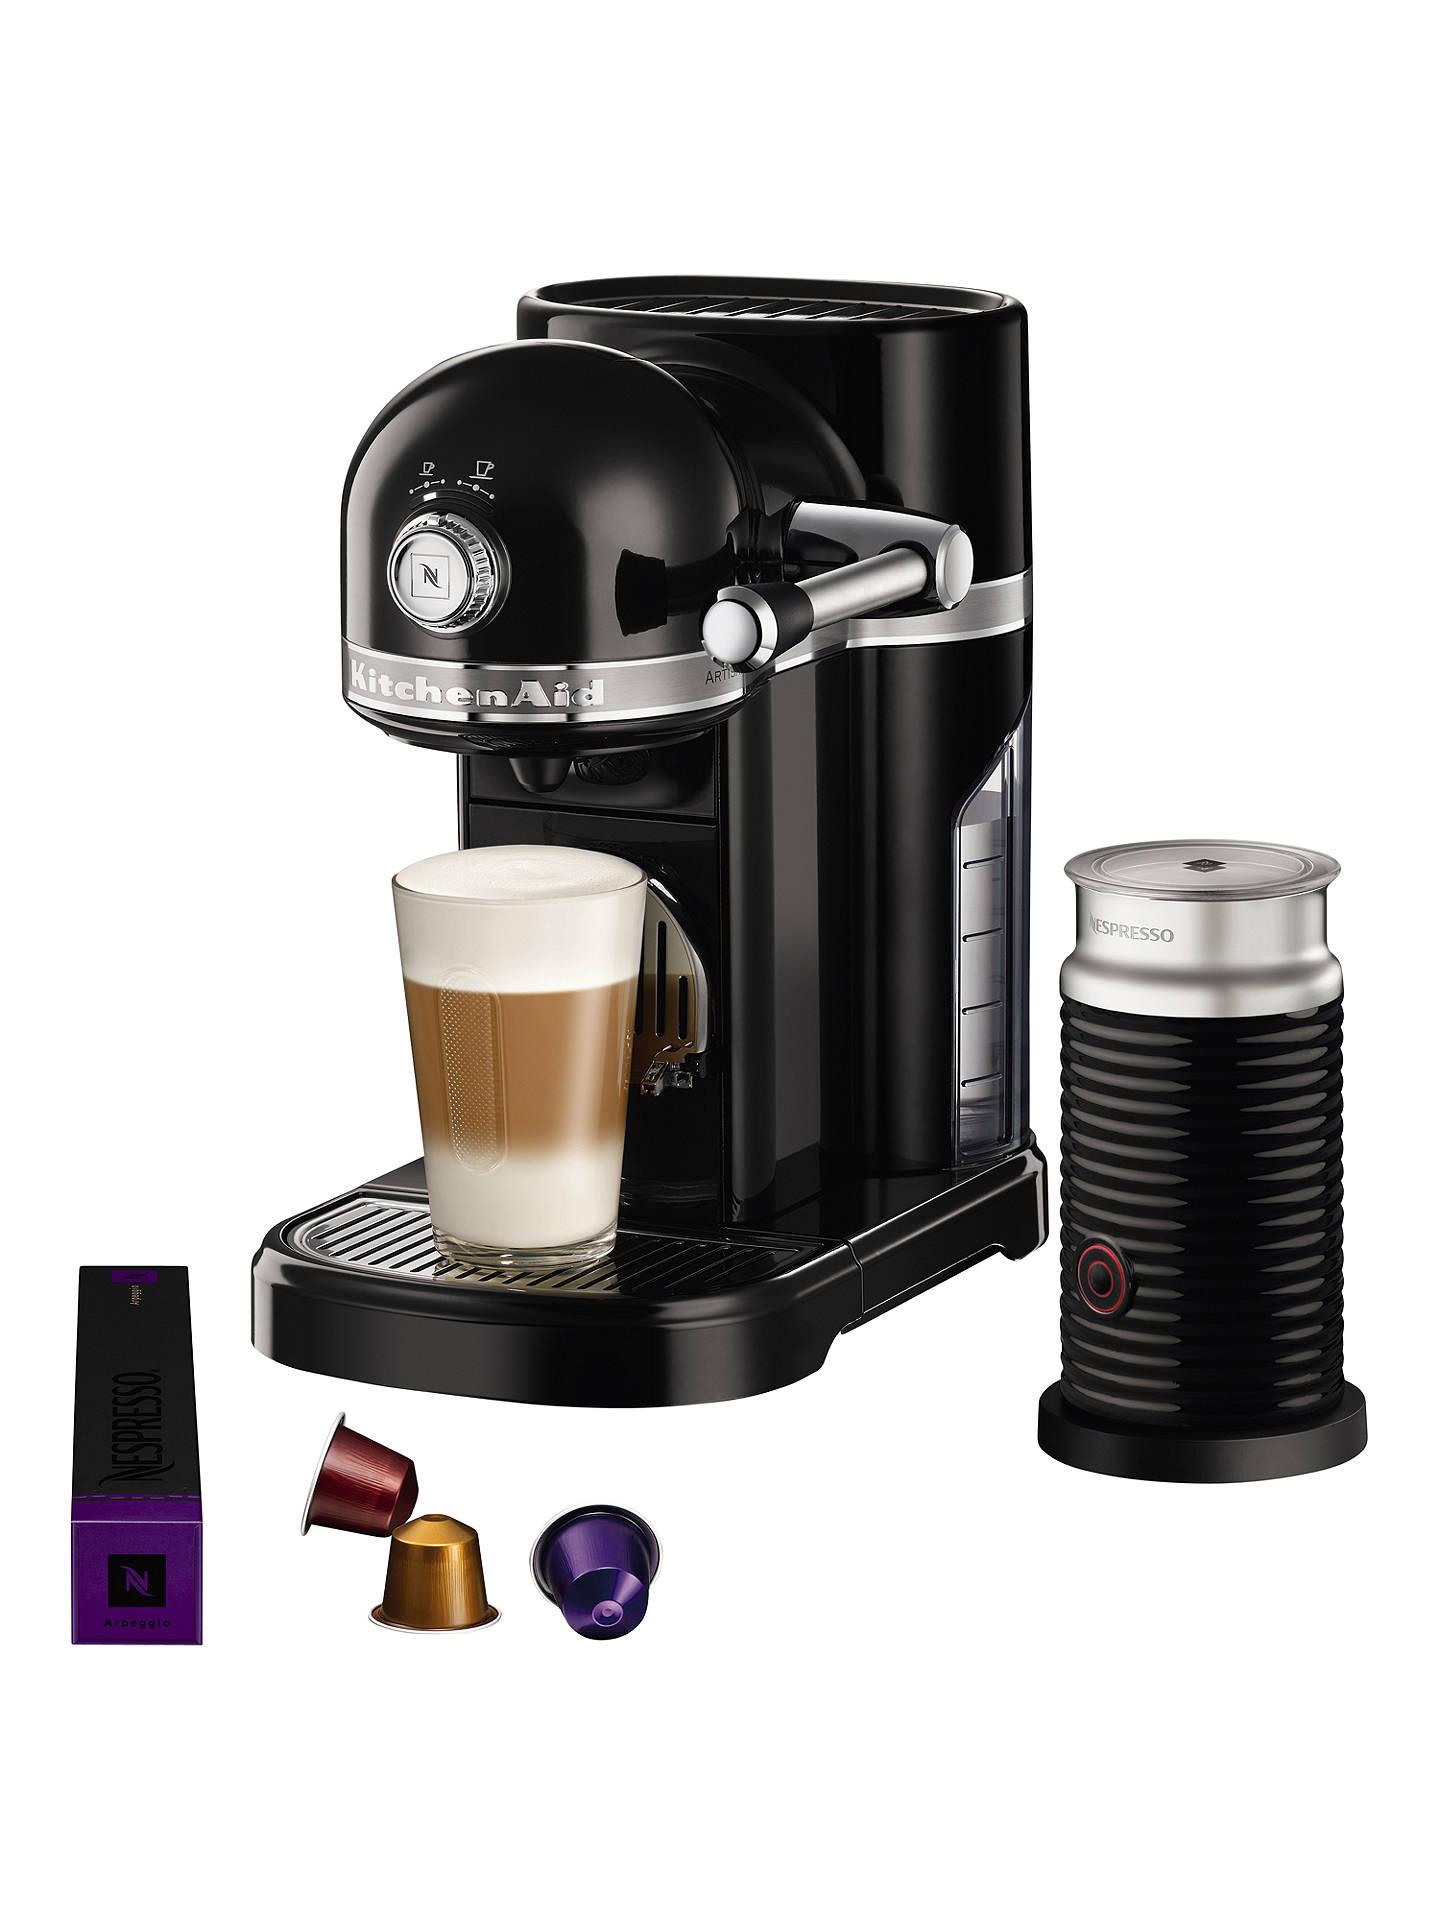 Nespresso Artisan Coffee Machine with Aeroccino by KitchenAid, Onyx Black